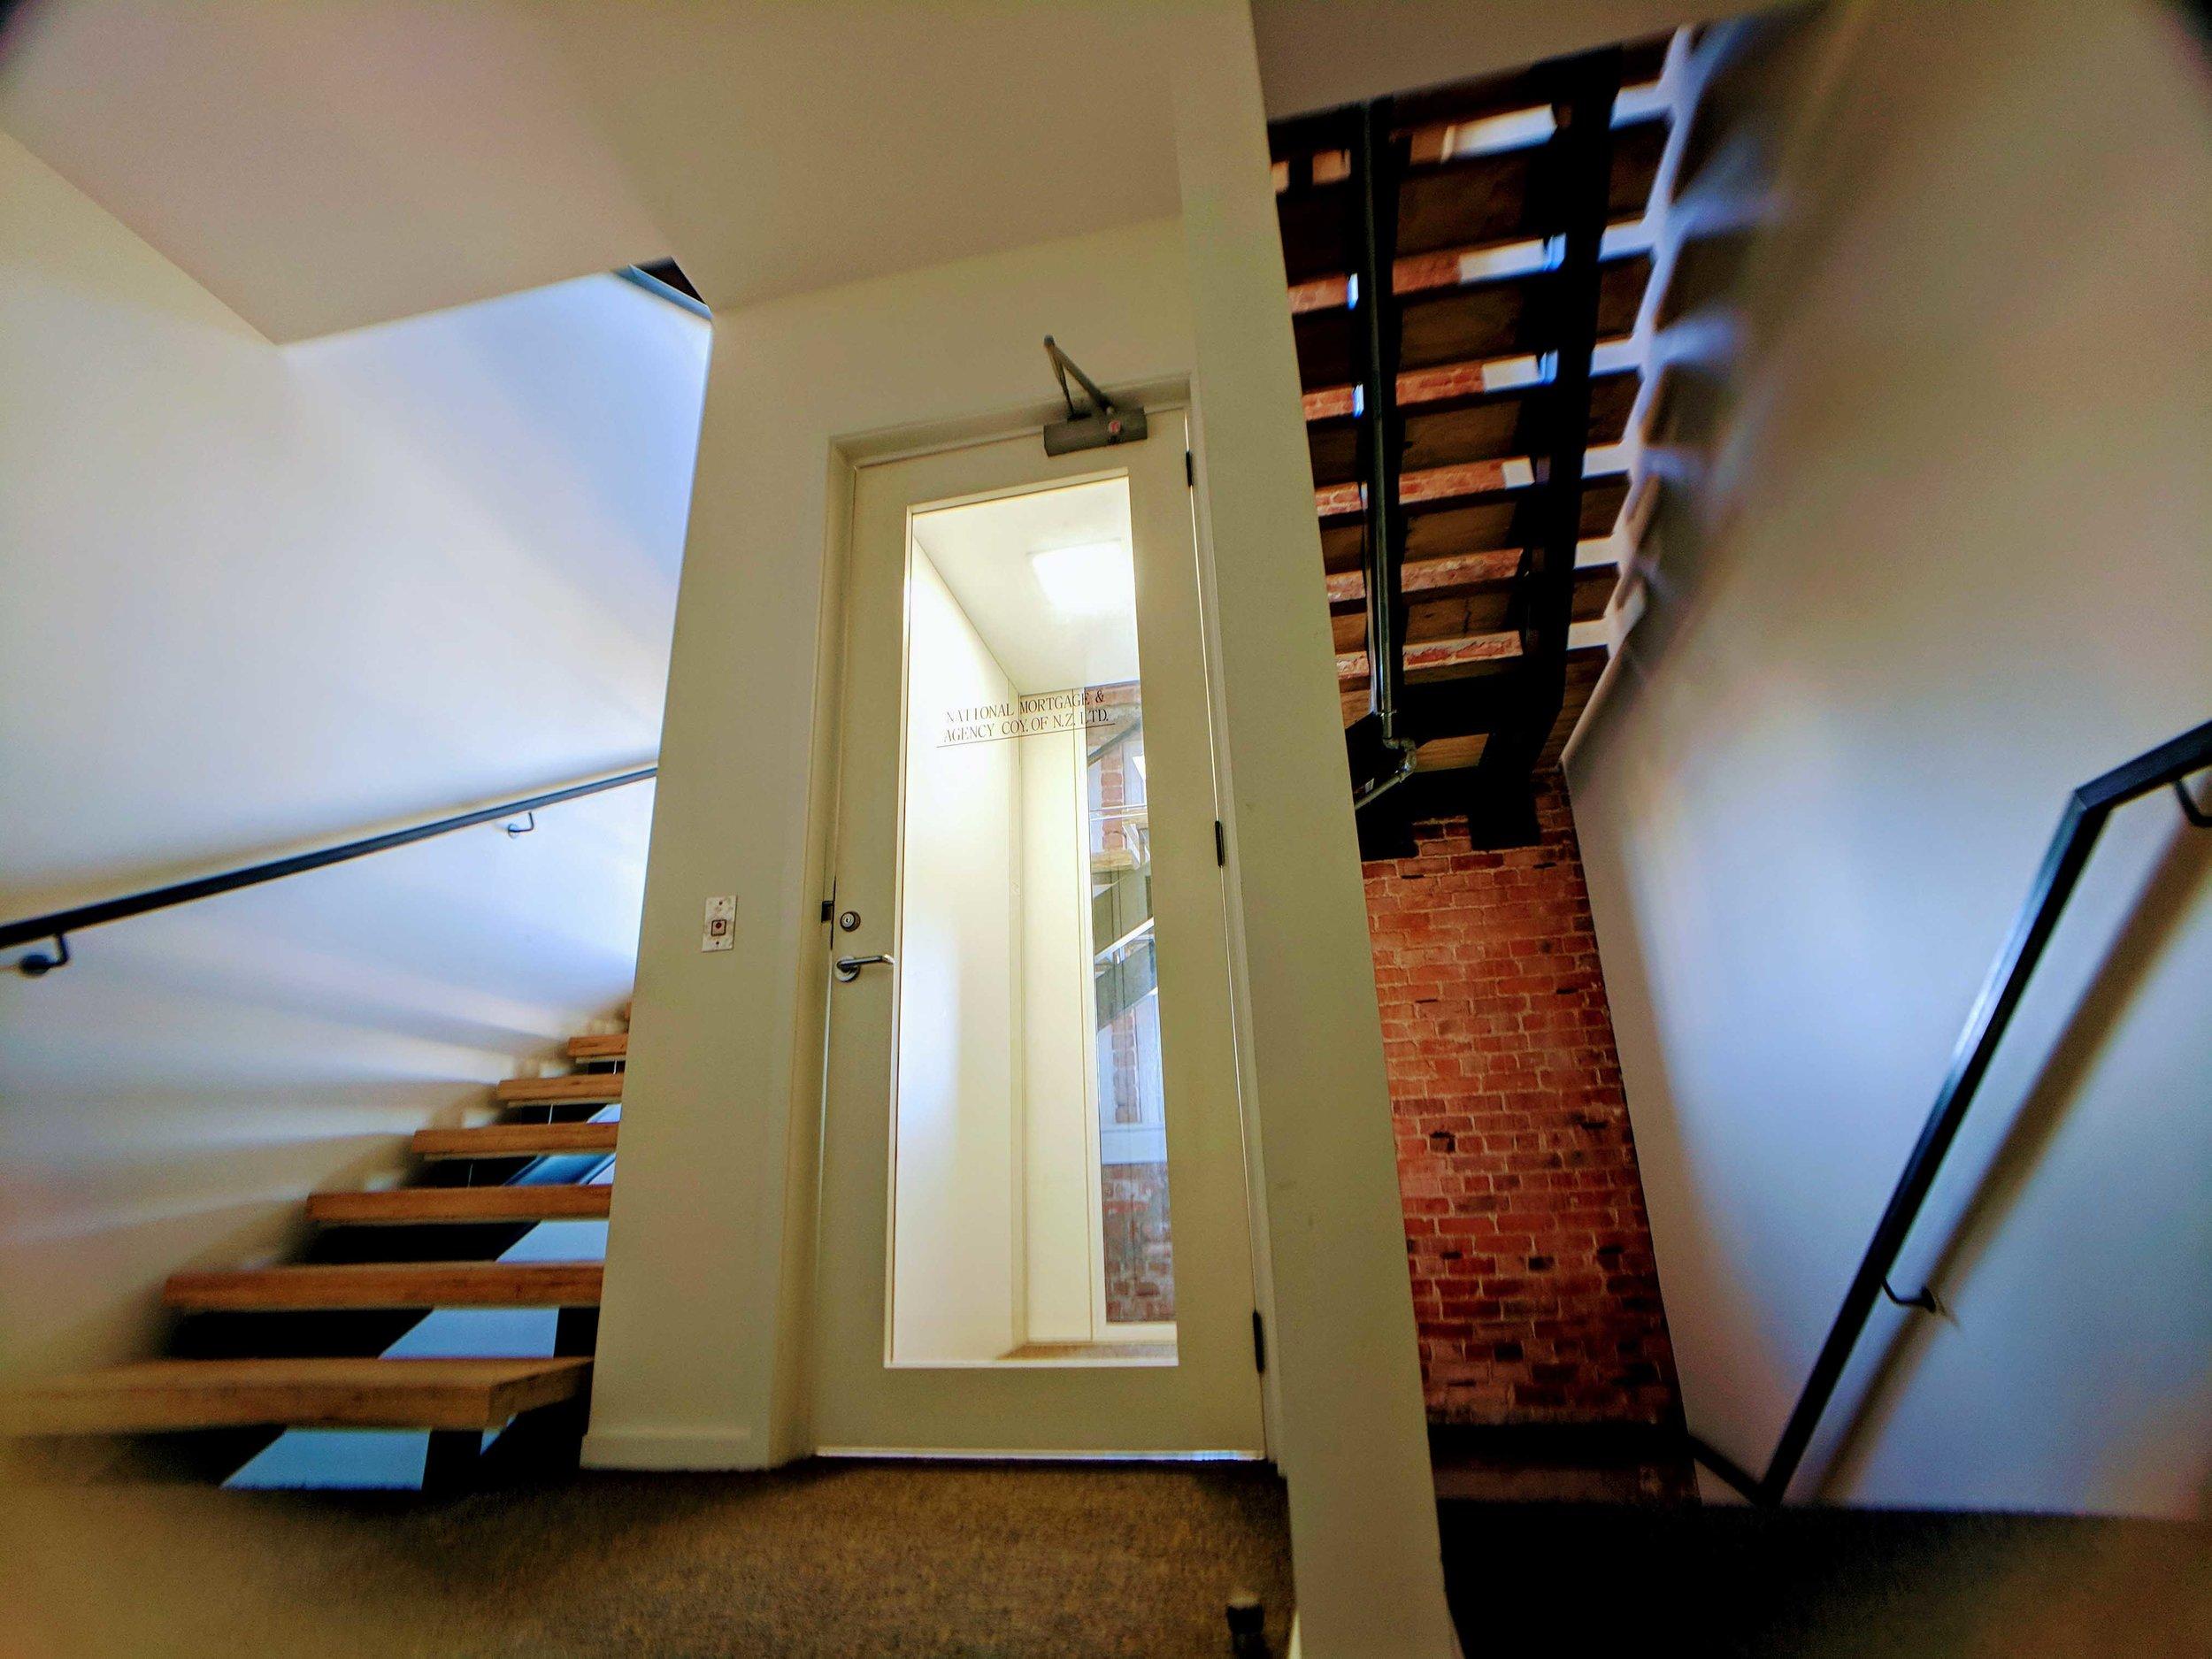 Thời gian lắp đặt thang máy gia đình là bao lâu?